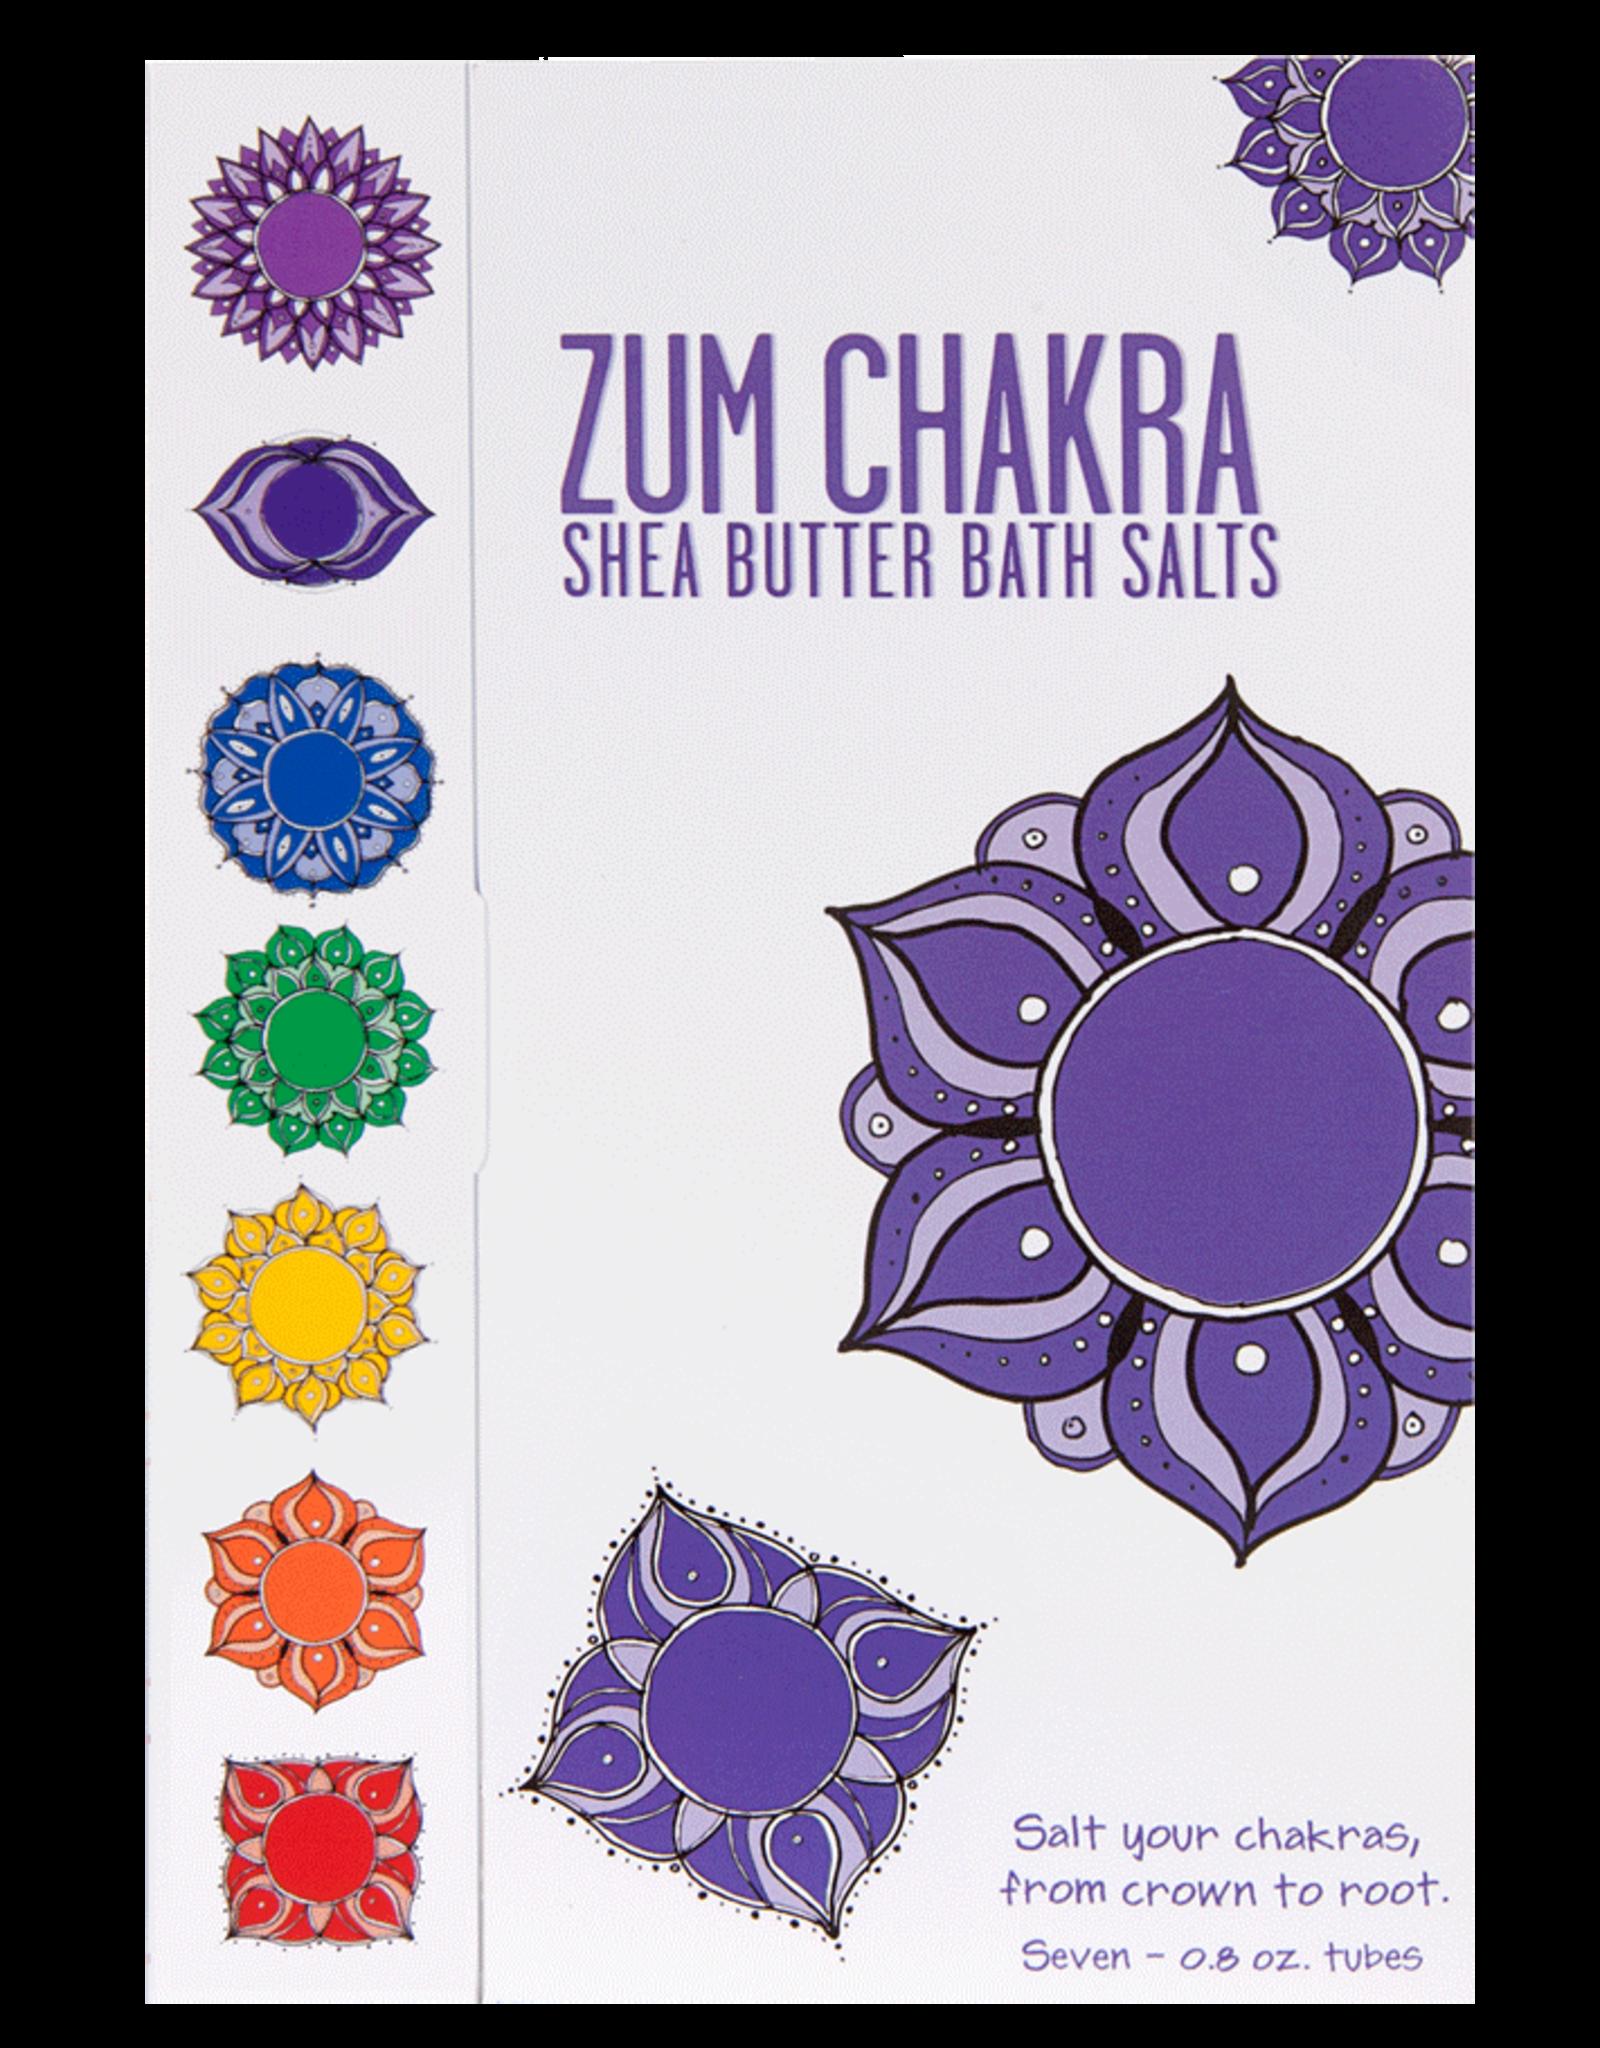 Indigo Wild Zum Chakra Shea Butter Bath Salts